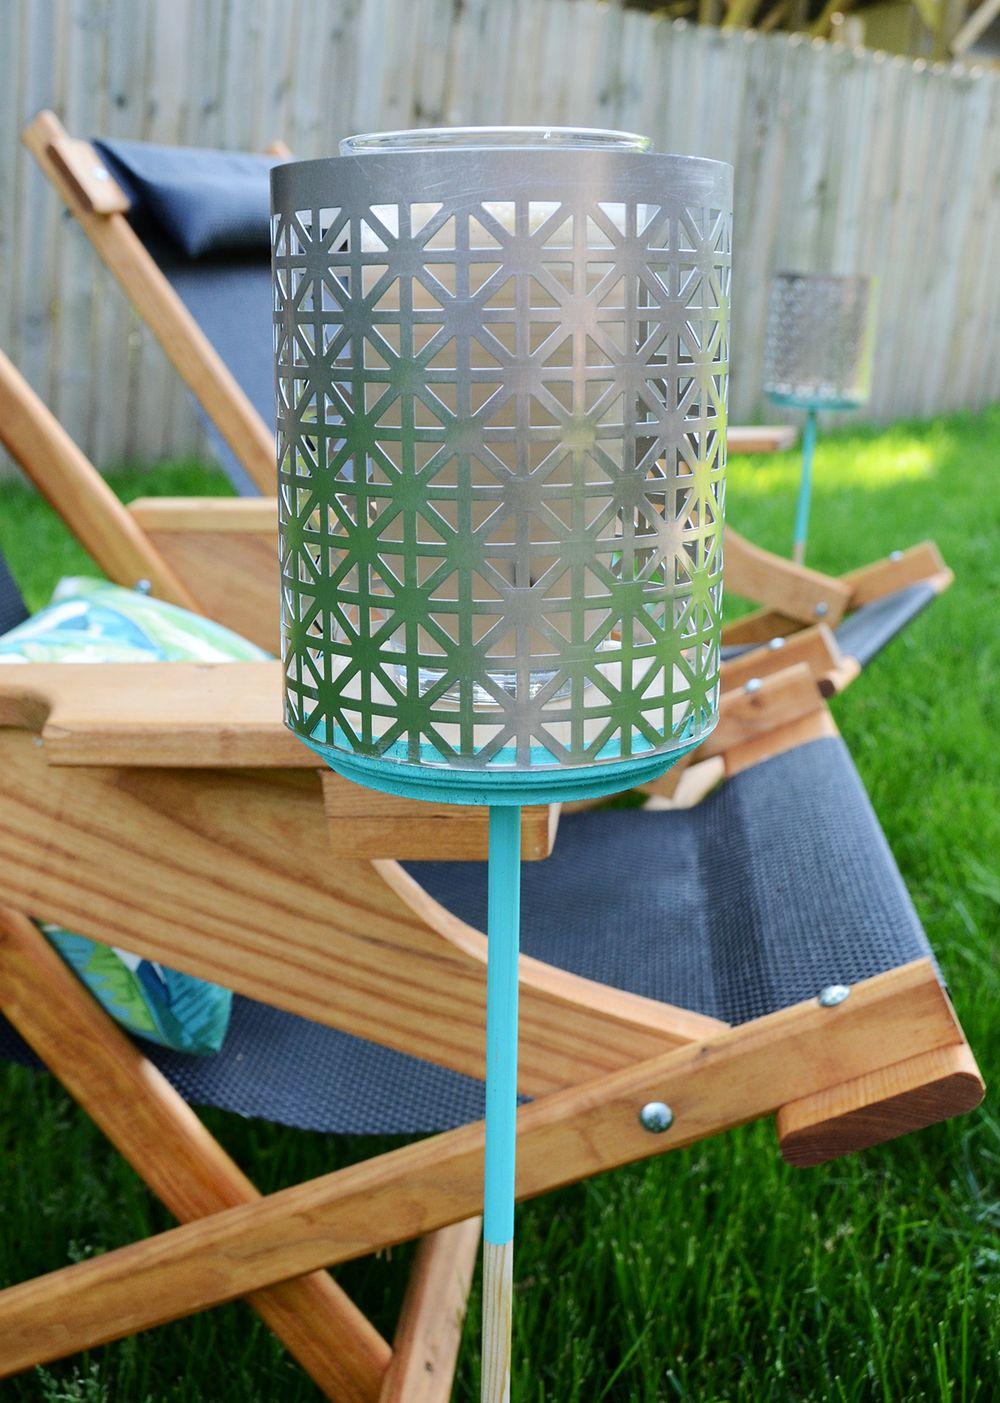 DIY Backyard Drink Holders - How-To: Easy DIY Backyard Drink Holder Crafty Crafts Pinterest